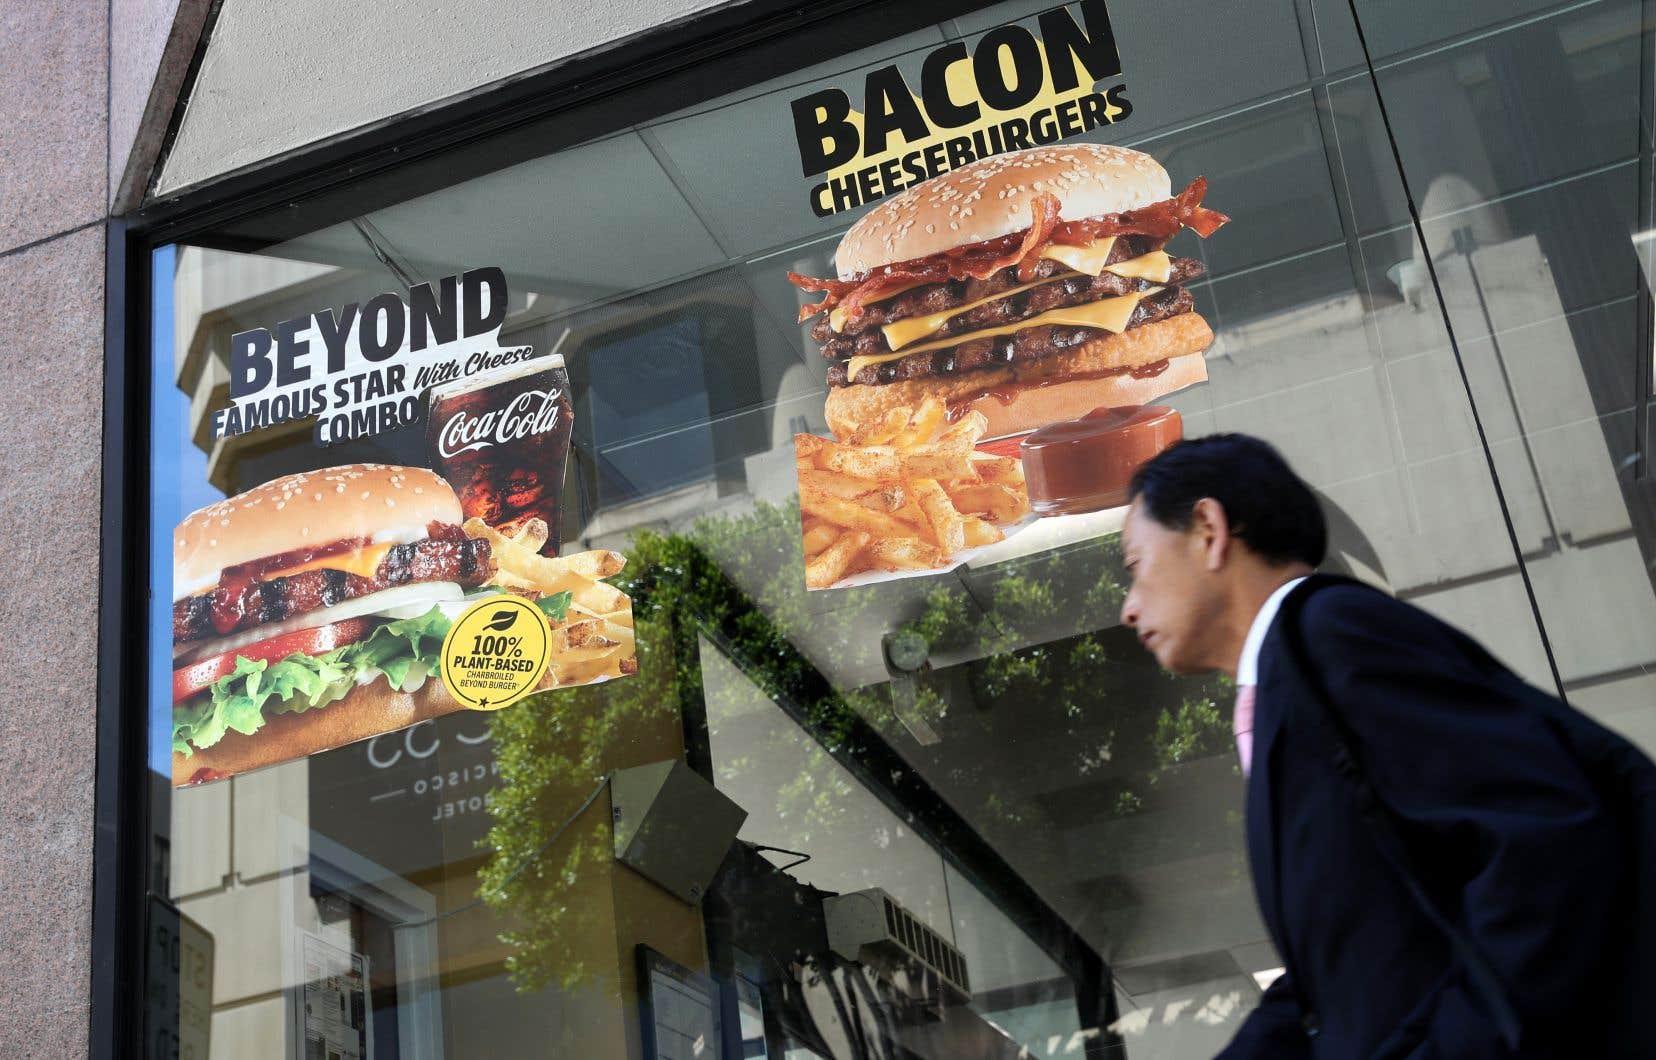 Les galettes de hamburger et les saucisses de l'entreprise californienne Beyond Meat, faites de protéines végétales, ont pris d'assaut les marchés, et même la bourse.